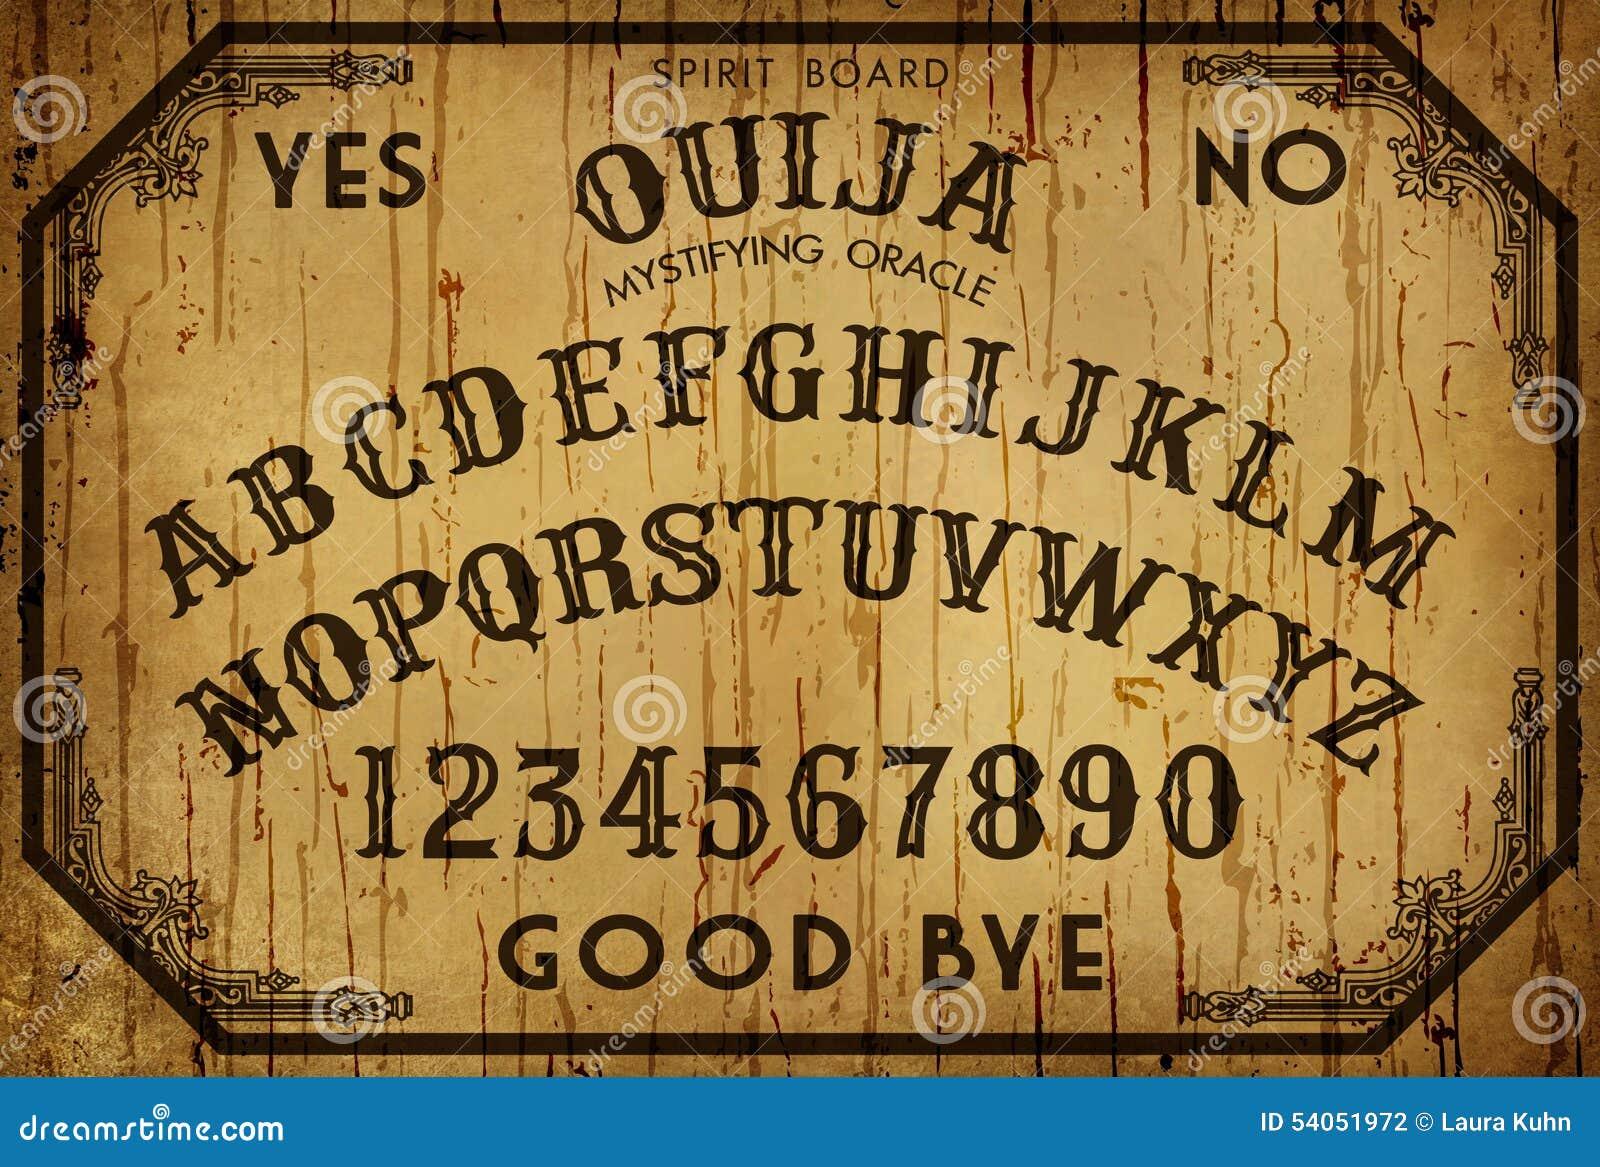 Fond Art Ouija Board